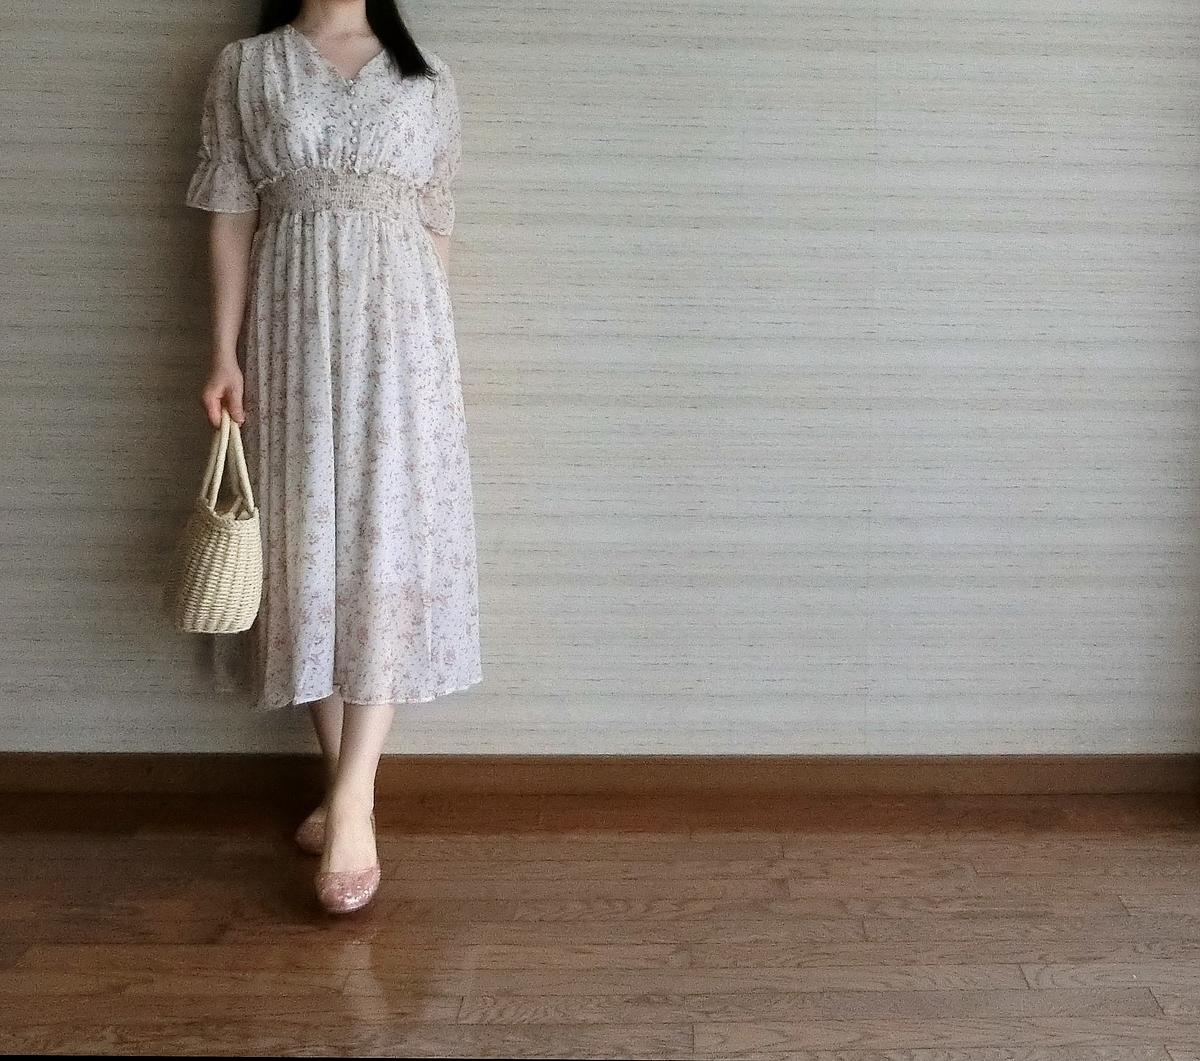 f:id:yasukawafashion:20210817113334j:plain